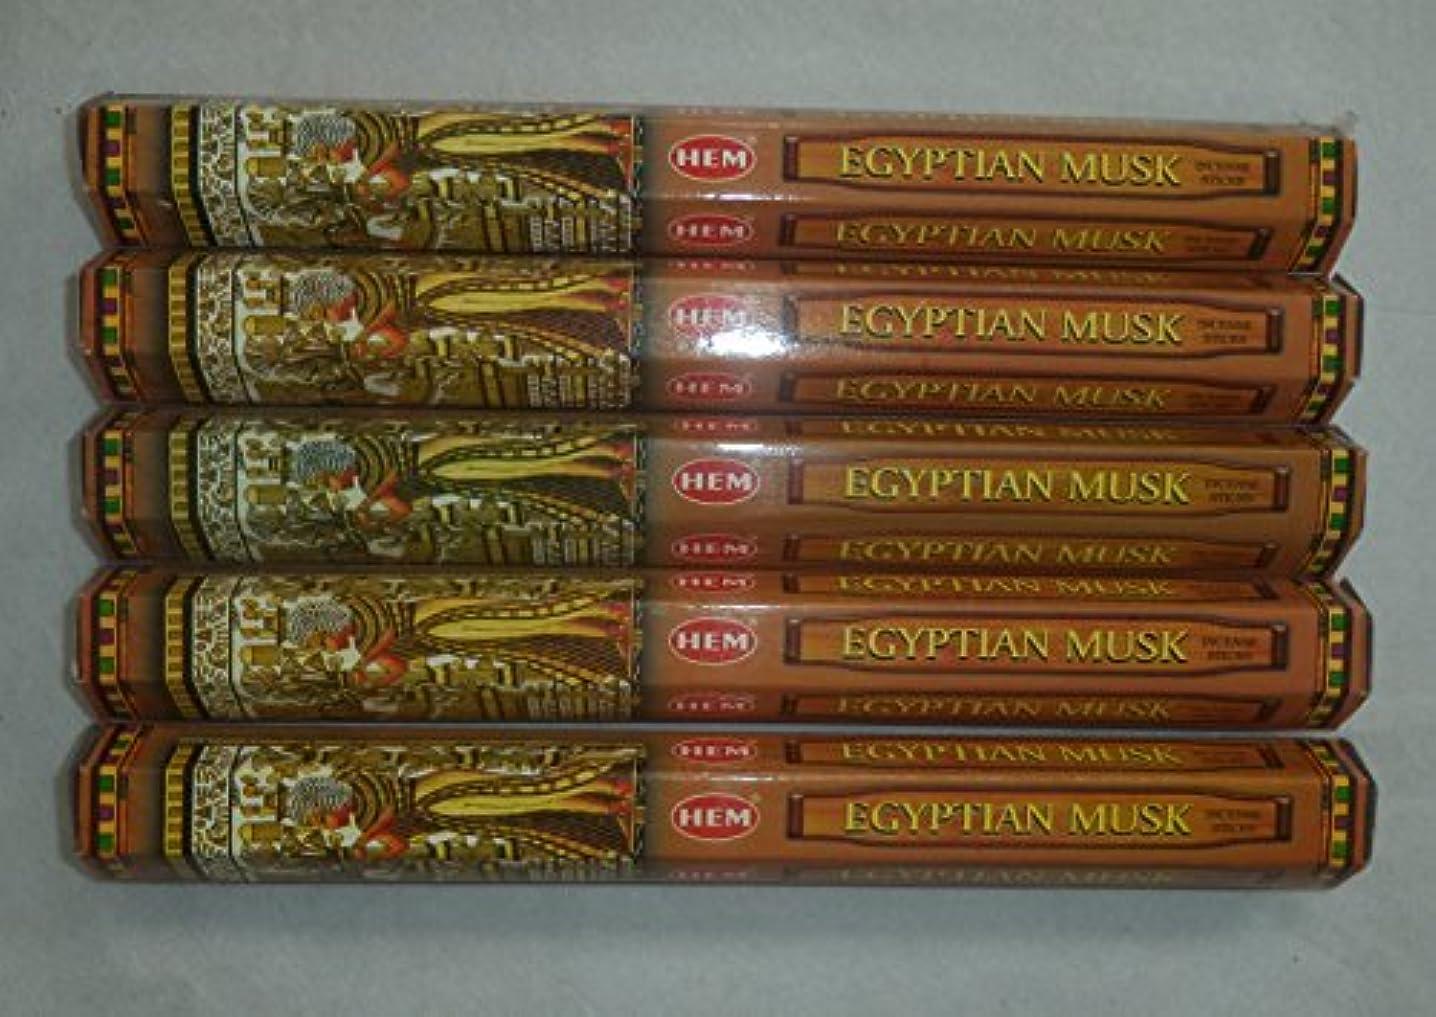 病気だと思うにおいお客様Hem Egyptian Musk Incense Sticks 5六角チューブ、合計100 Sticks